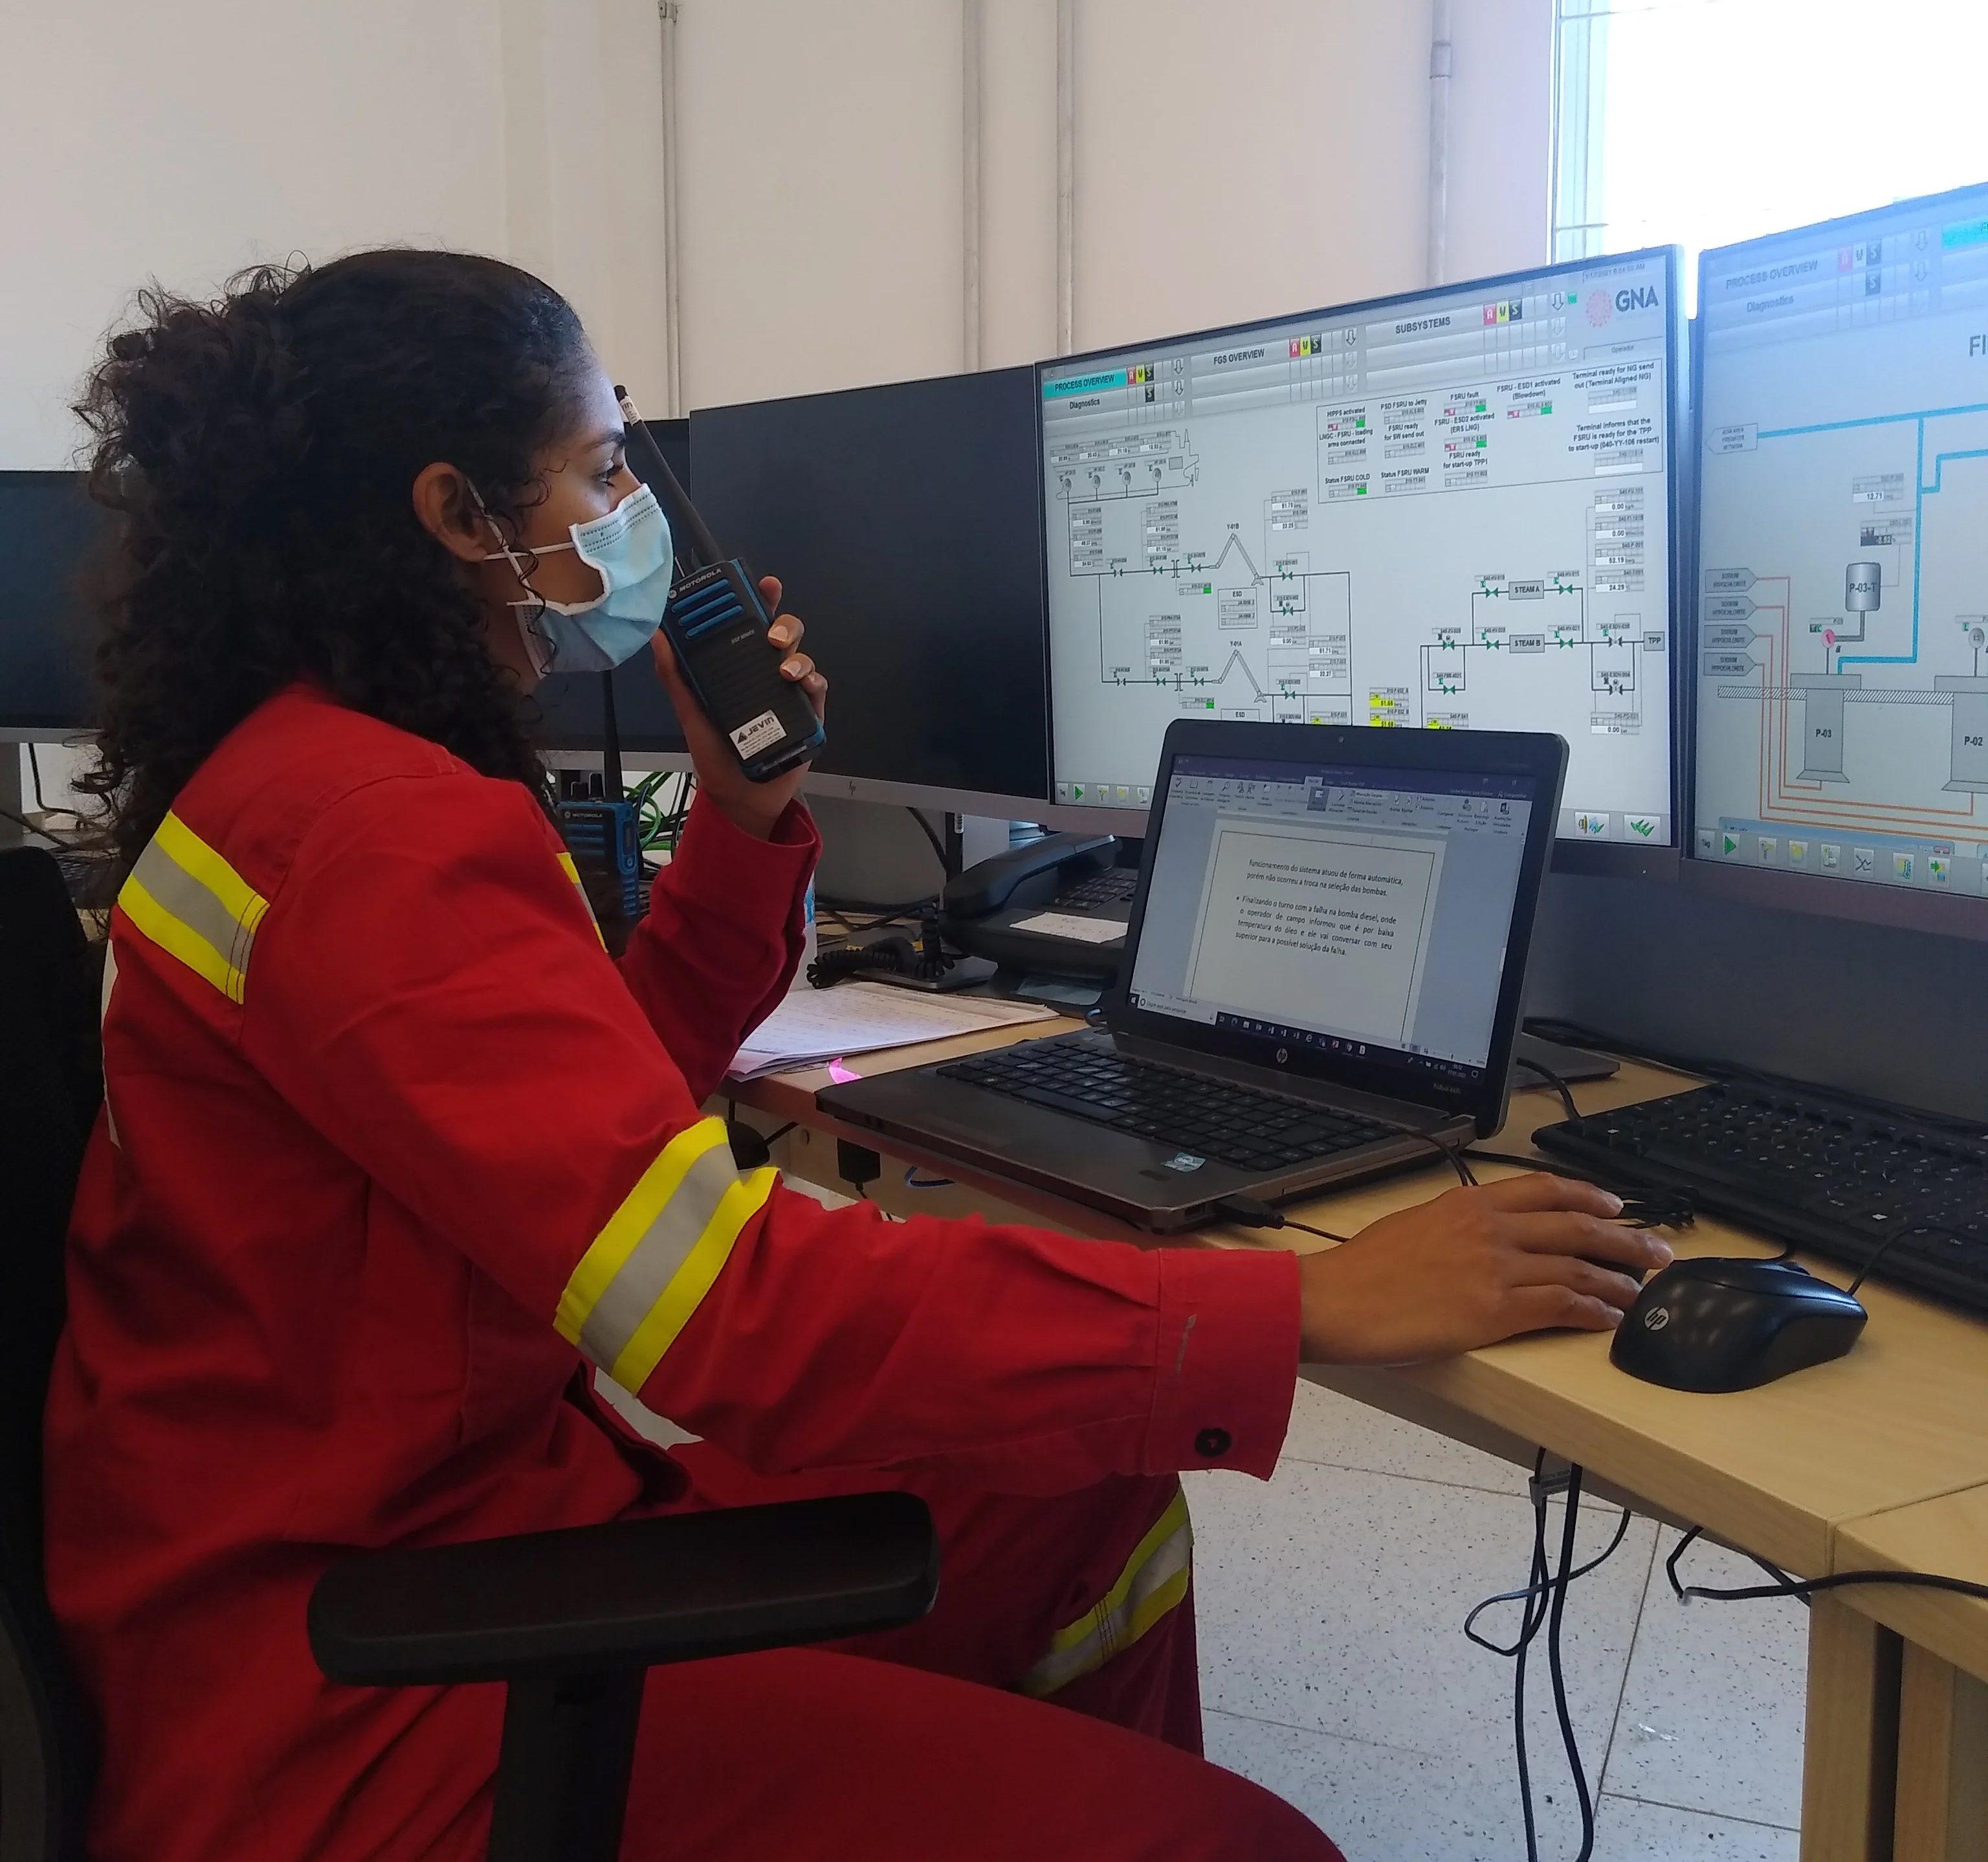 Firjan SENAI tem vagas abertas para cursos técnicos em áreas como Petróleo e Construção Civil no Norte e Noroeste do RJ